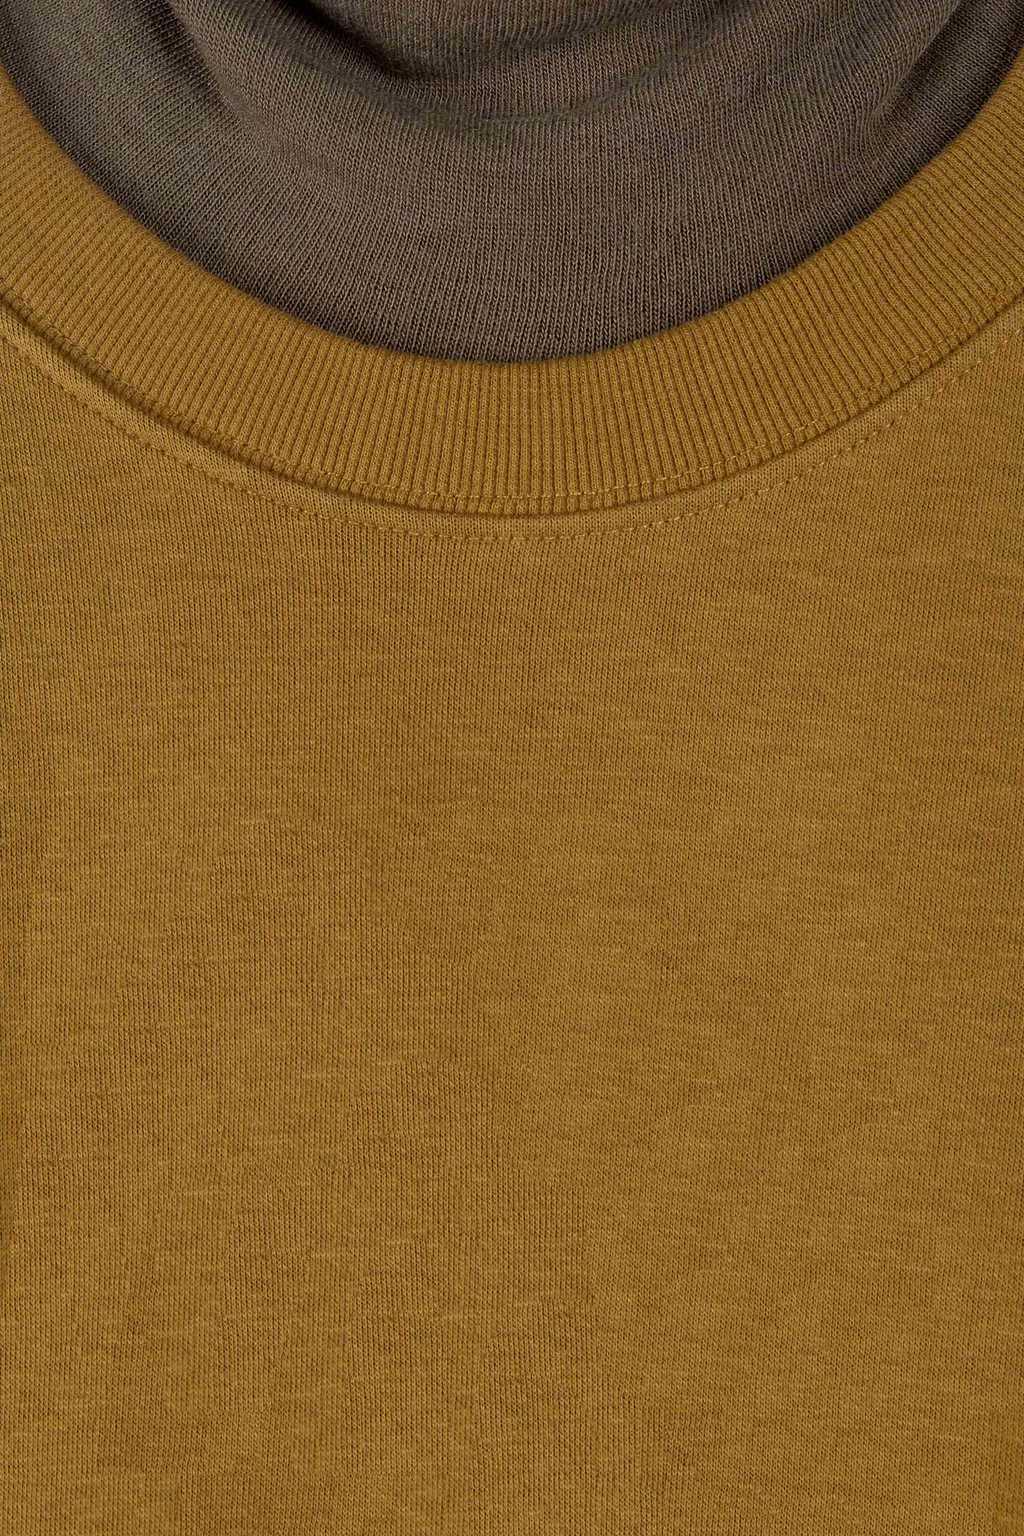 TShirt H391 Mustard 8